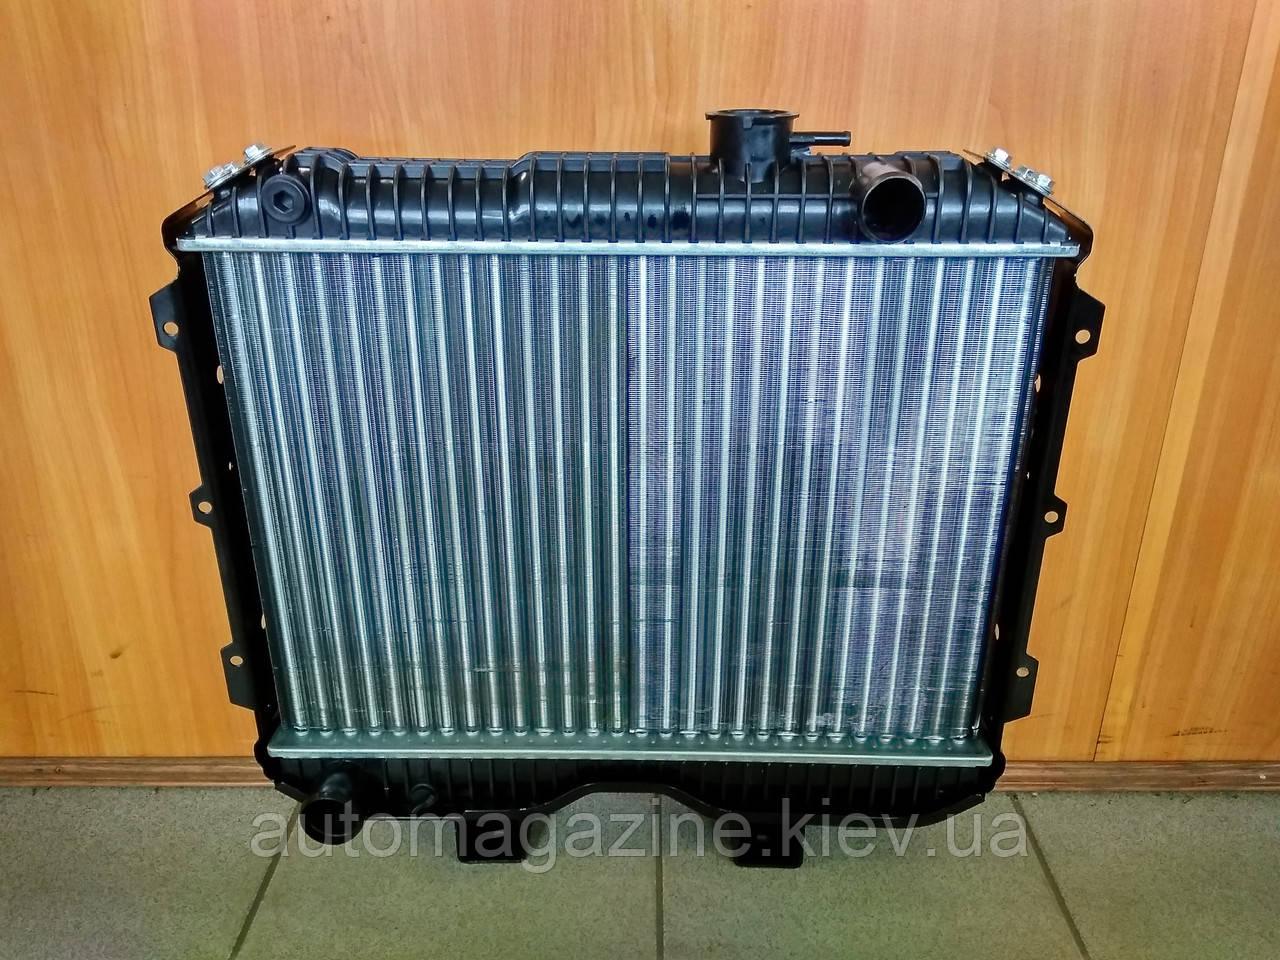 Радіатор охолодження 3-х рядний УАЗ (алюміній)